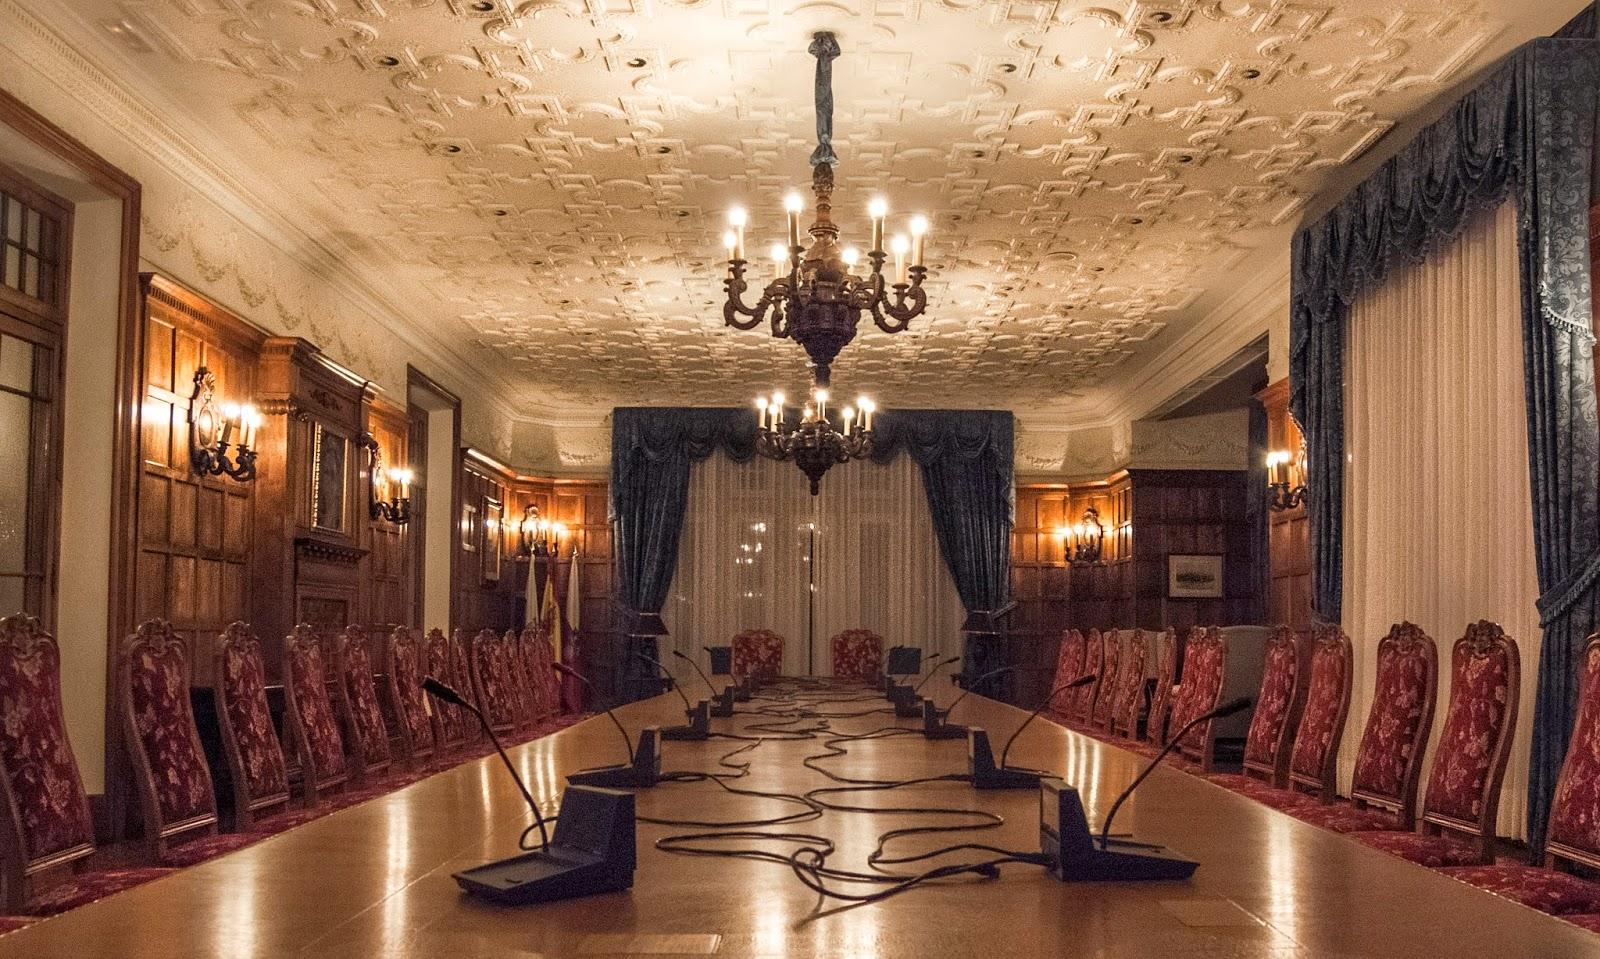 Fotograf as felices de cantabria interior del palacio for Sala 0 palacio de la prensa